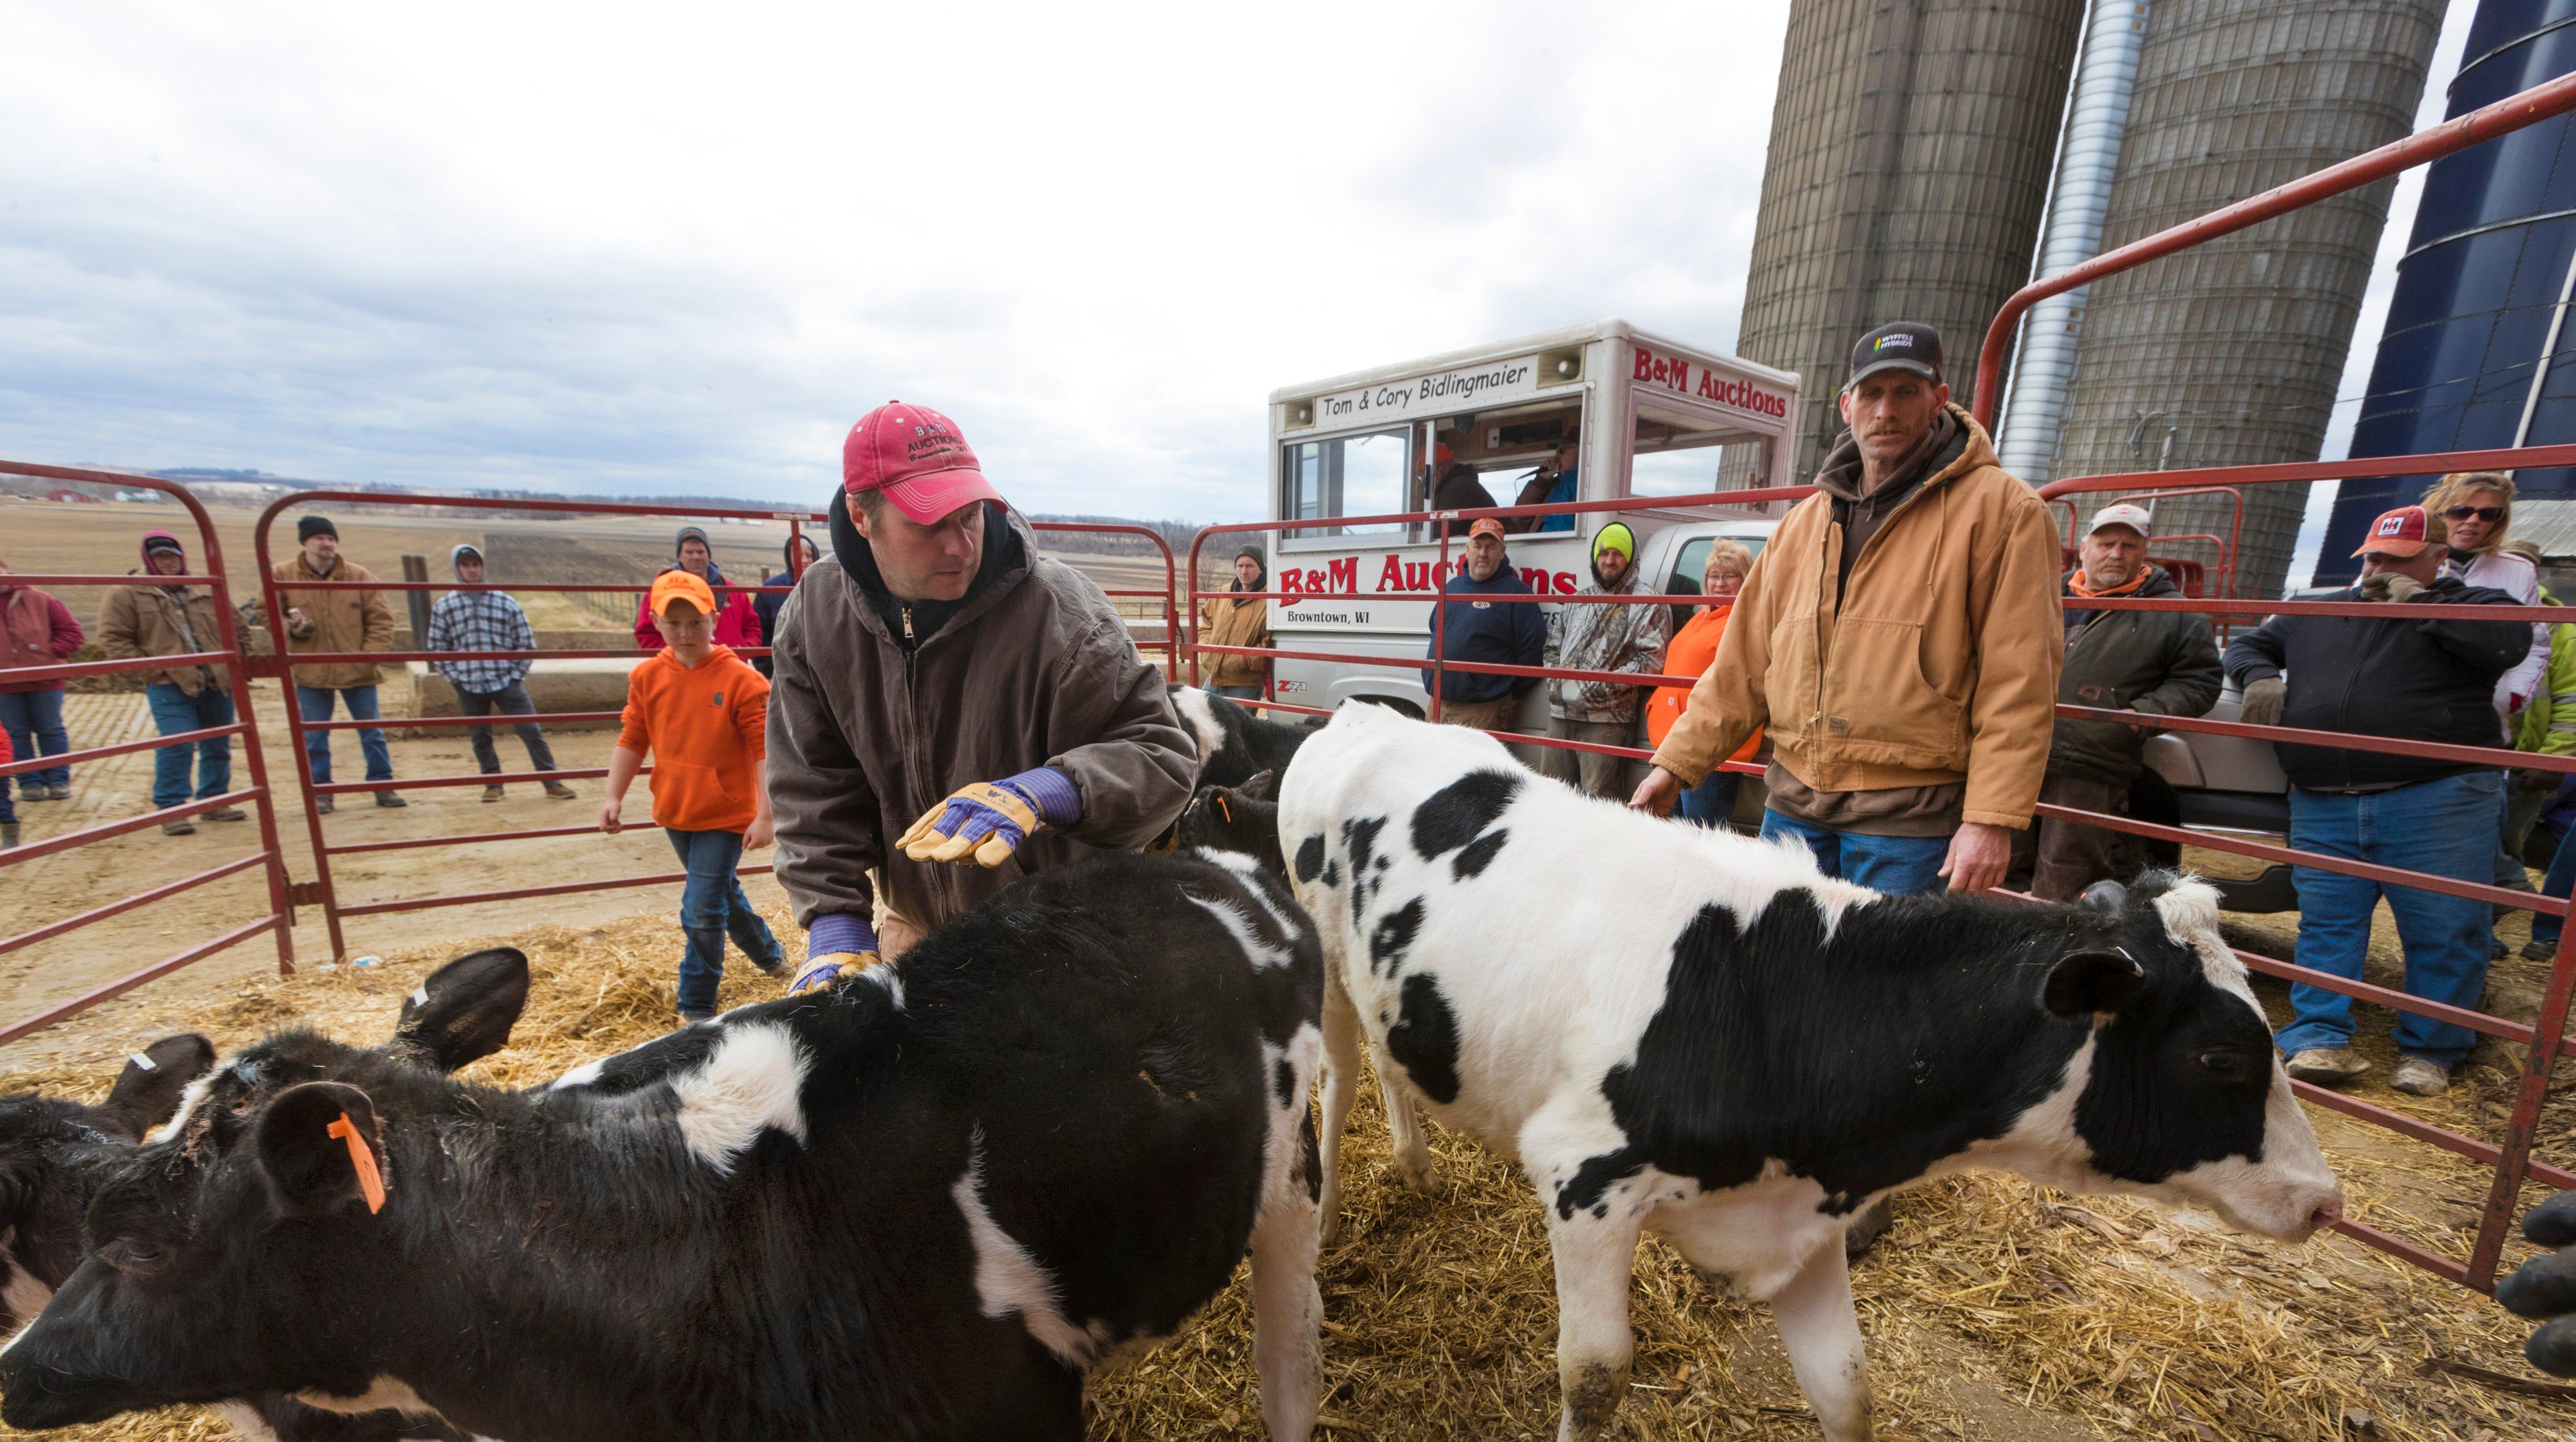 Farm Auctions